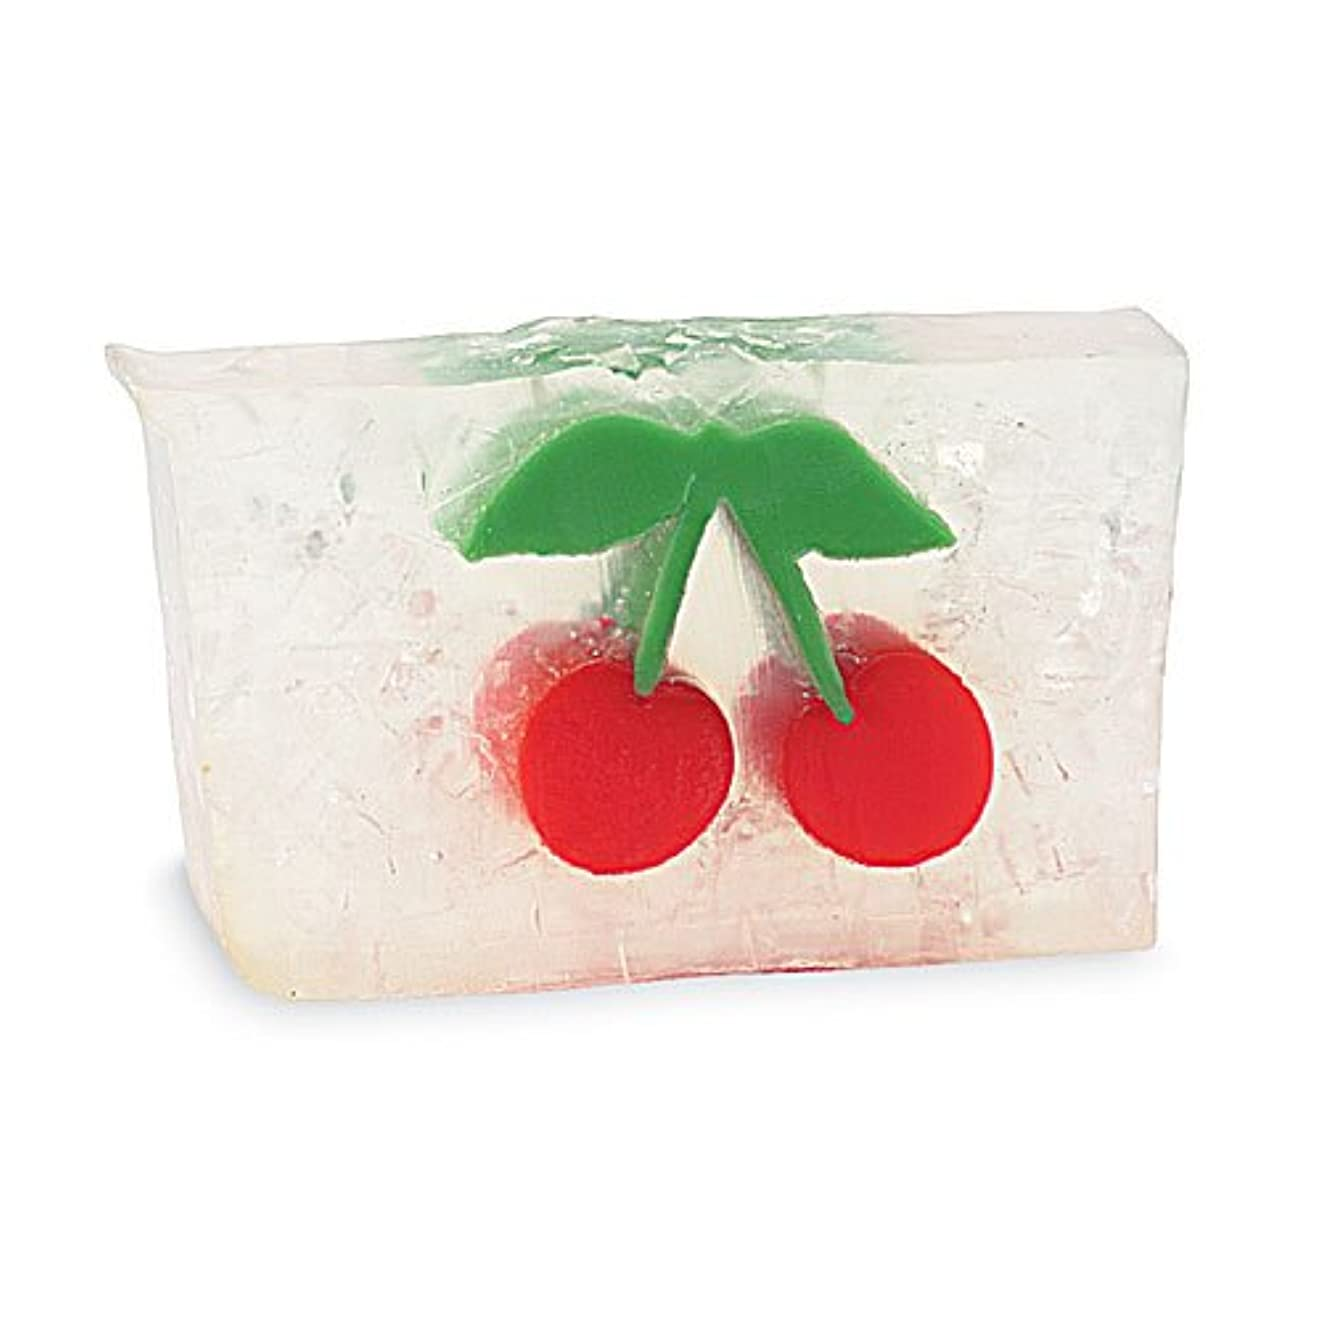 配送必要性バケツプライモールエレメンツ アロマティック ソープ チェリー 180g 植物性 ナチュラル 石鹸 無添加